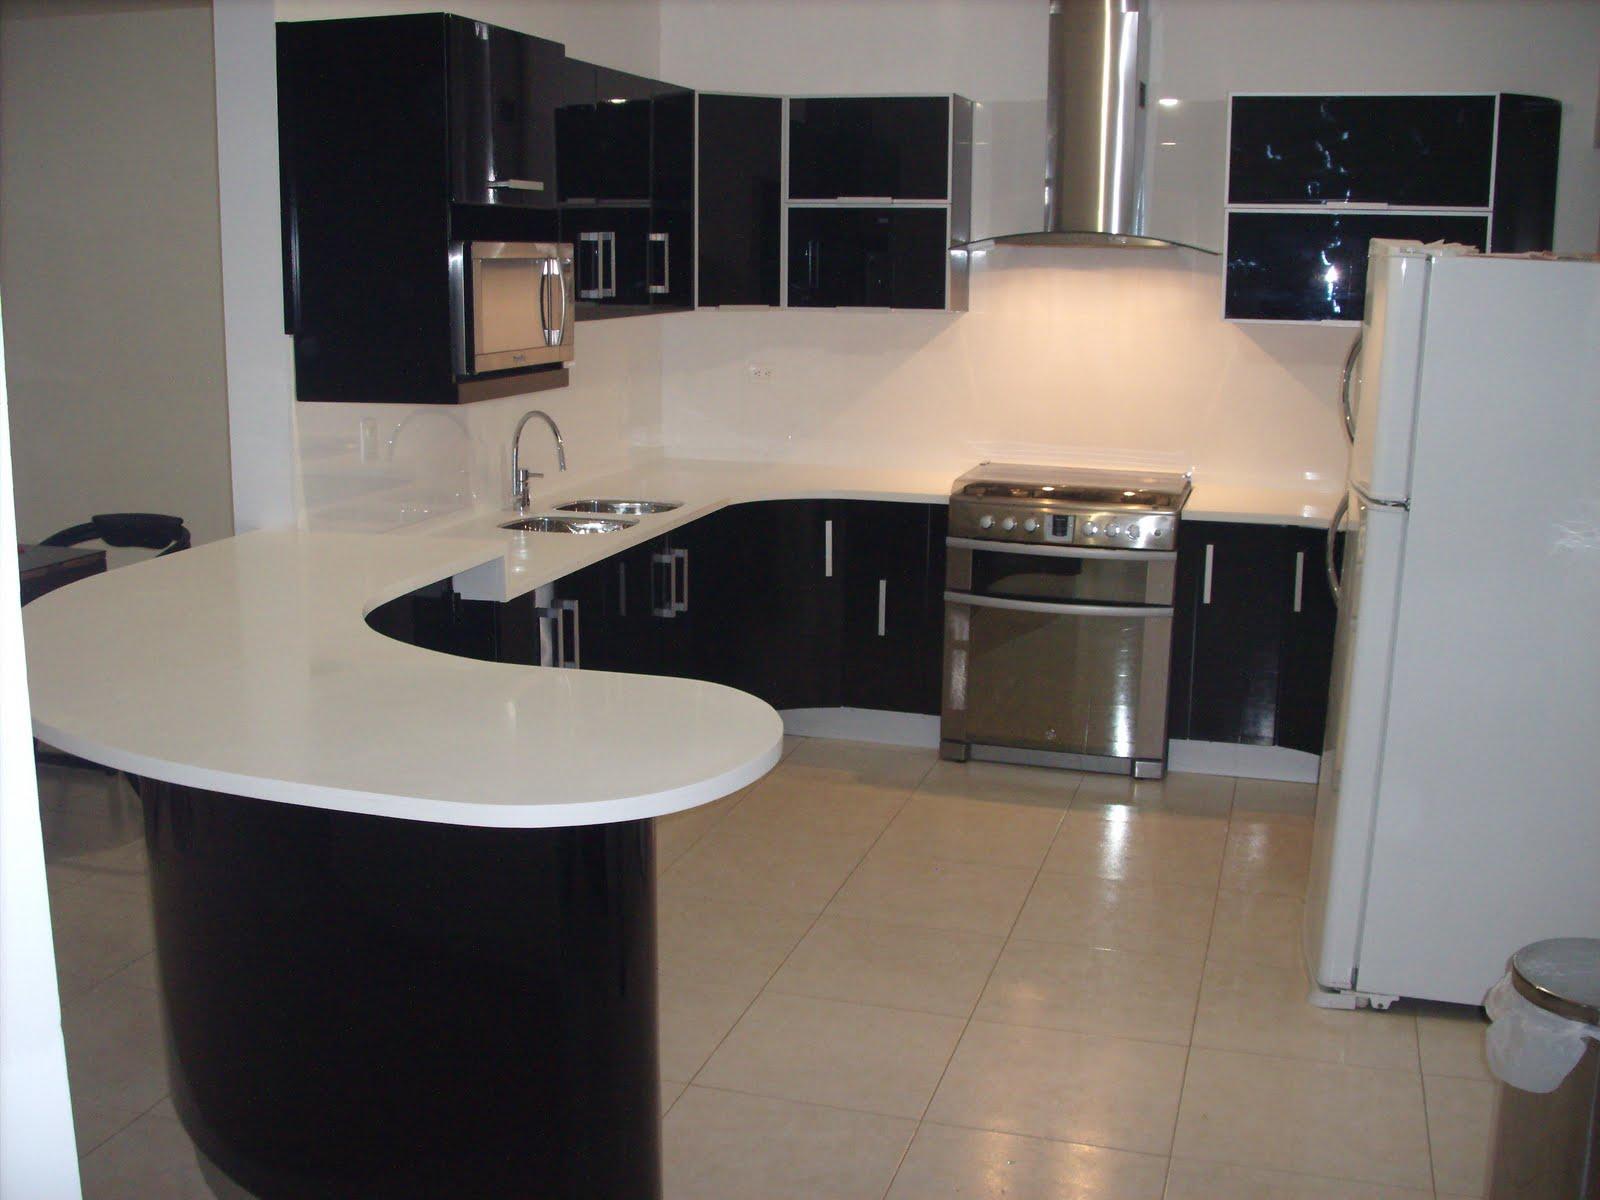 Melamina centros tv y otros - Muebles de cocina modernos fotos ...